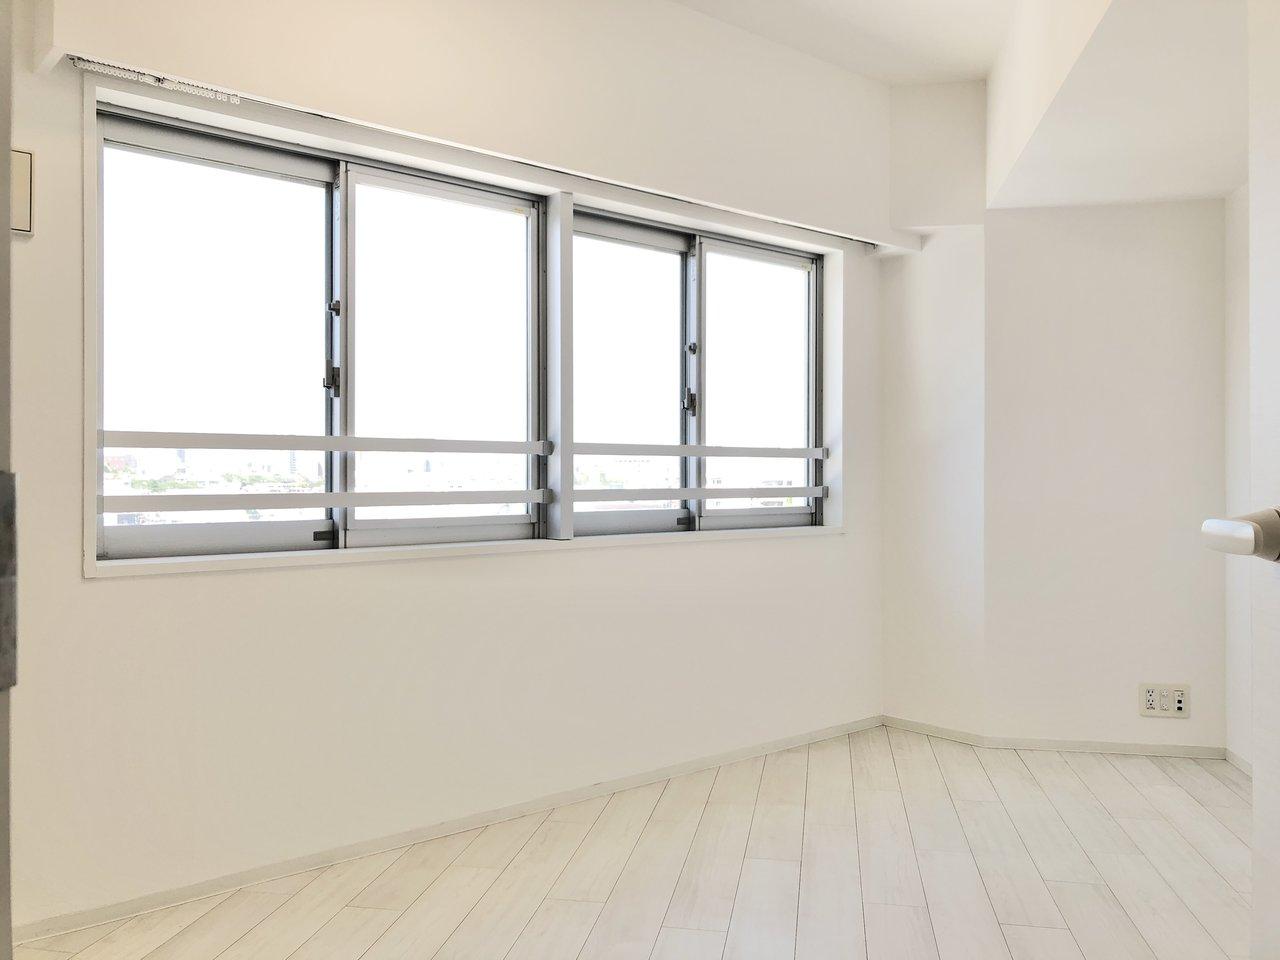 階段を上がって洋室へ。ダブルベッドとラックがゆったり配置できるくらいの広さがあります。